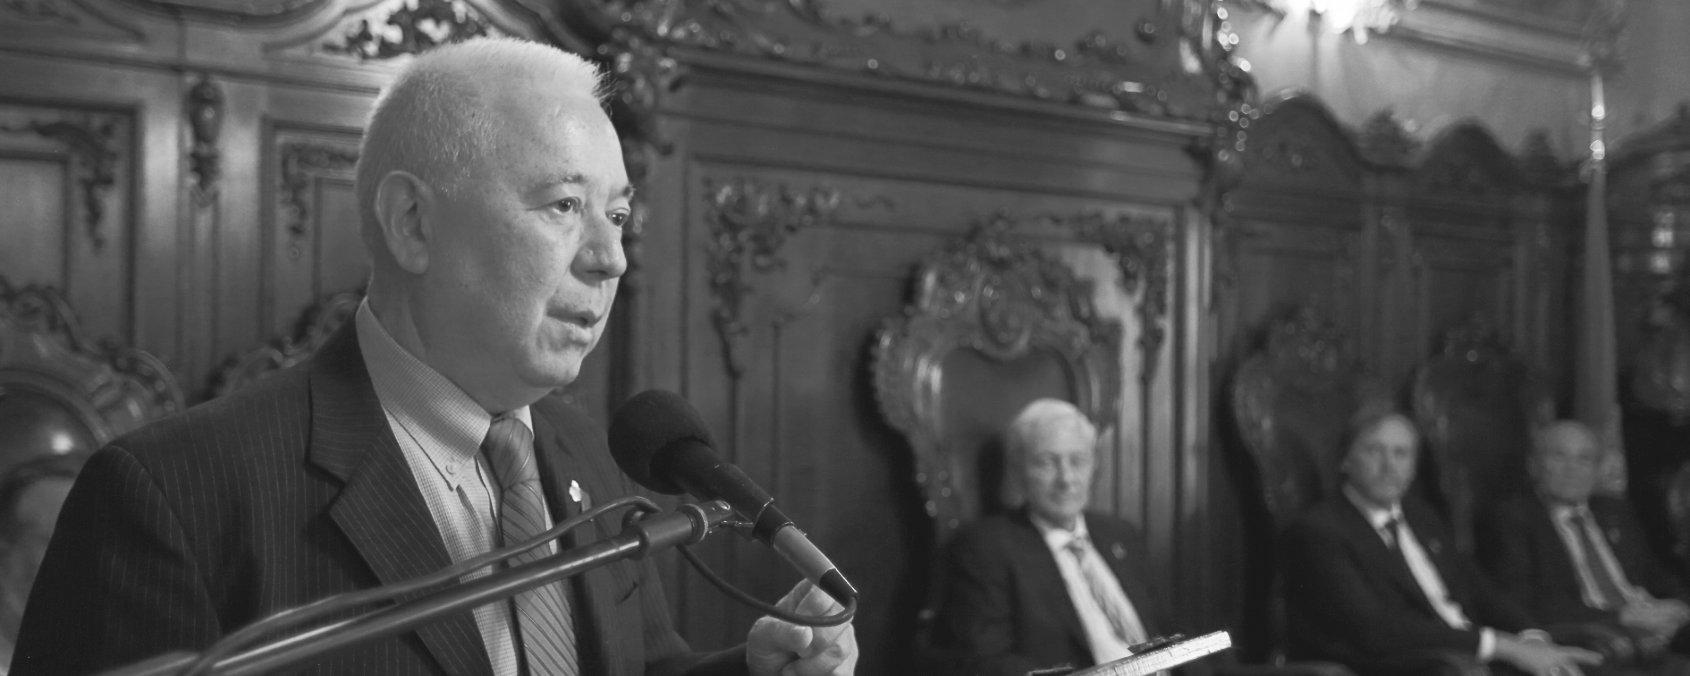 La UNC entregó el título de Visitante Distinguido a Axel Didriksson Takayanagui